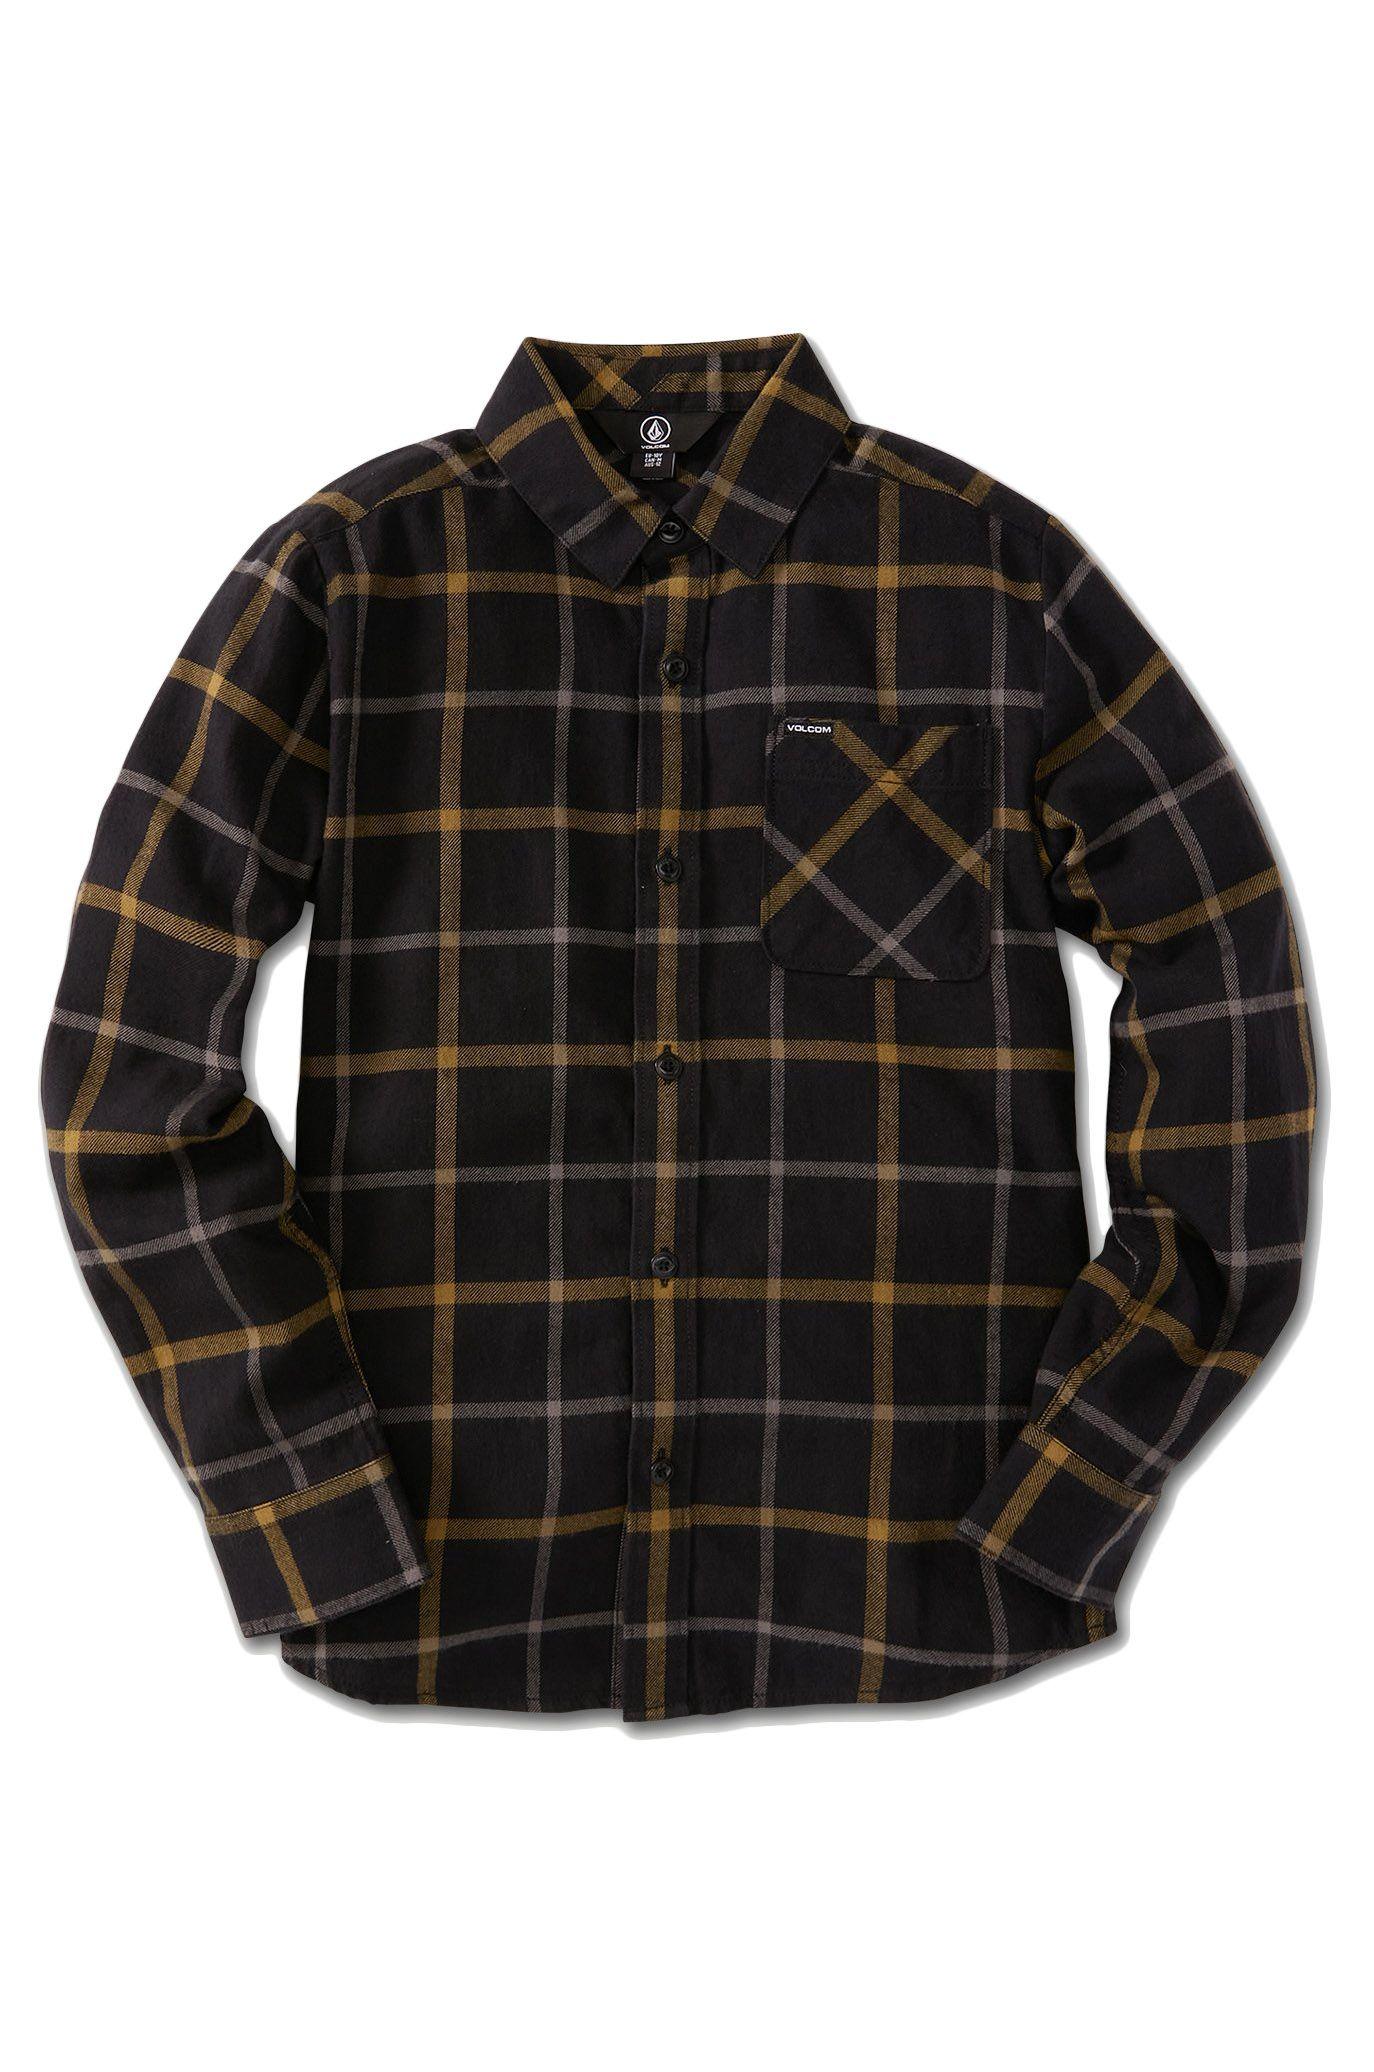 Volcom Shirt CADEN PLAID LS Black